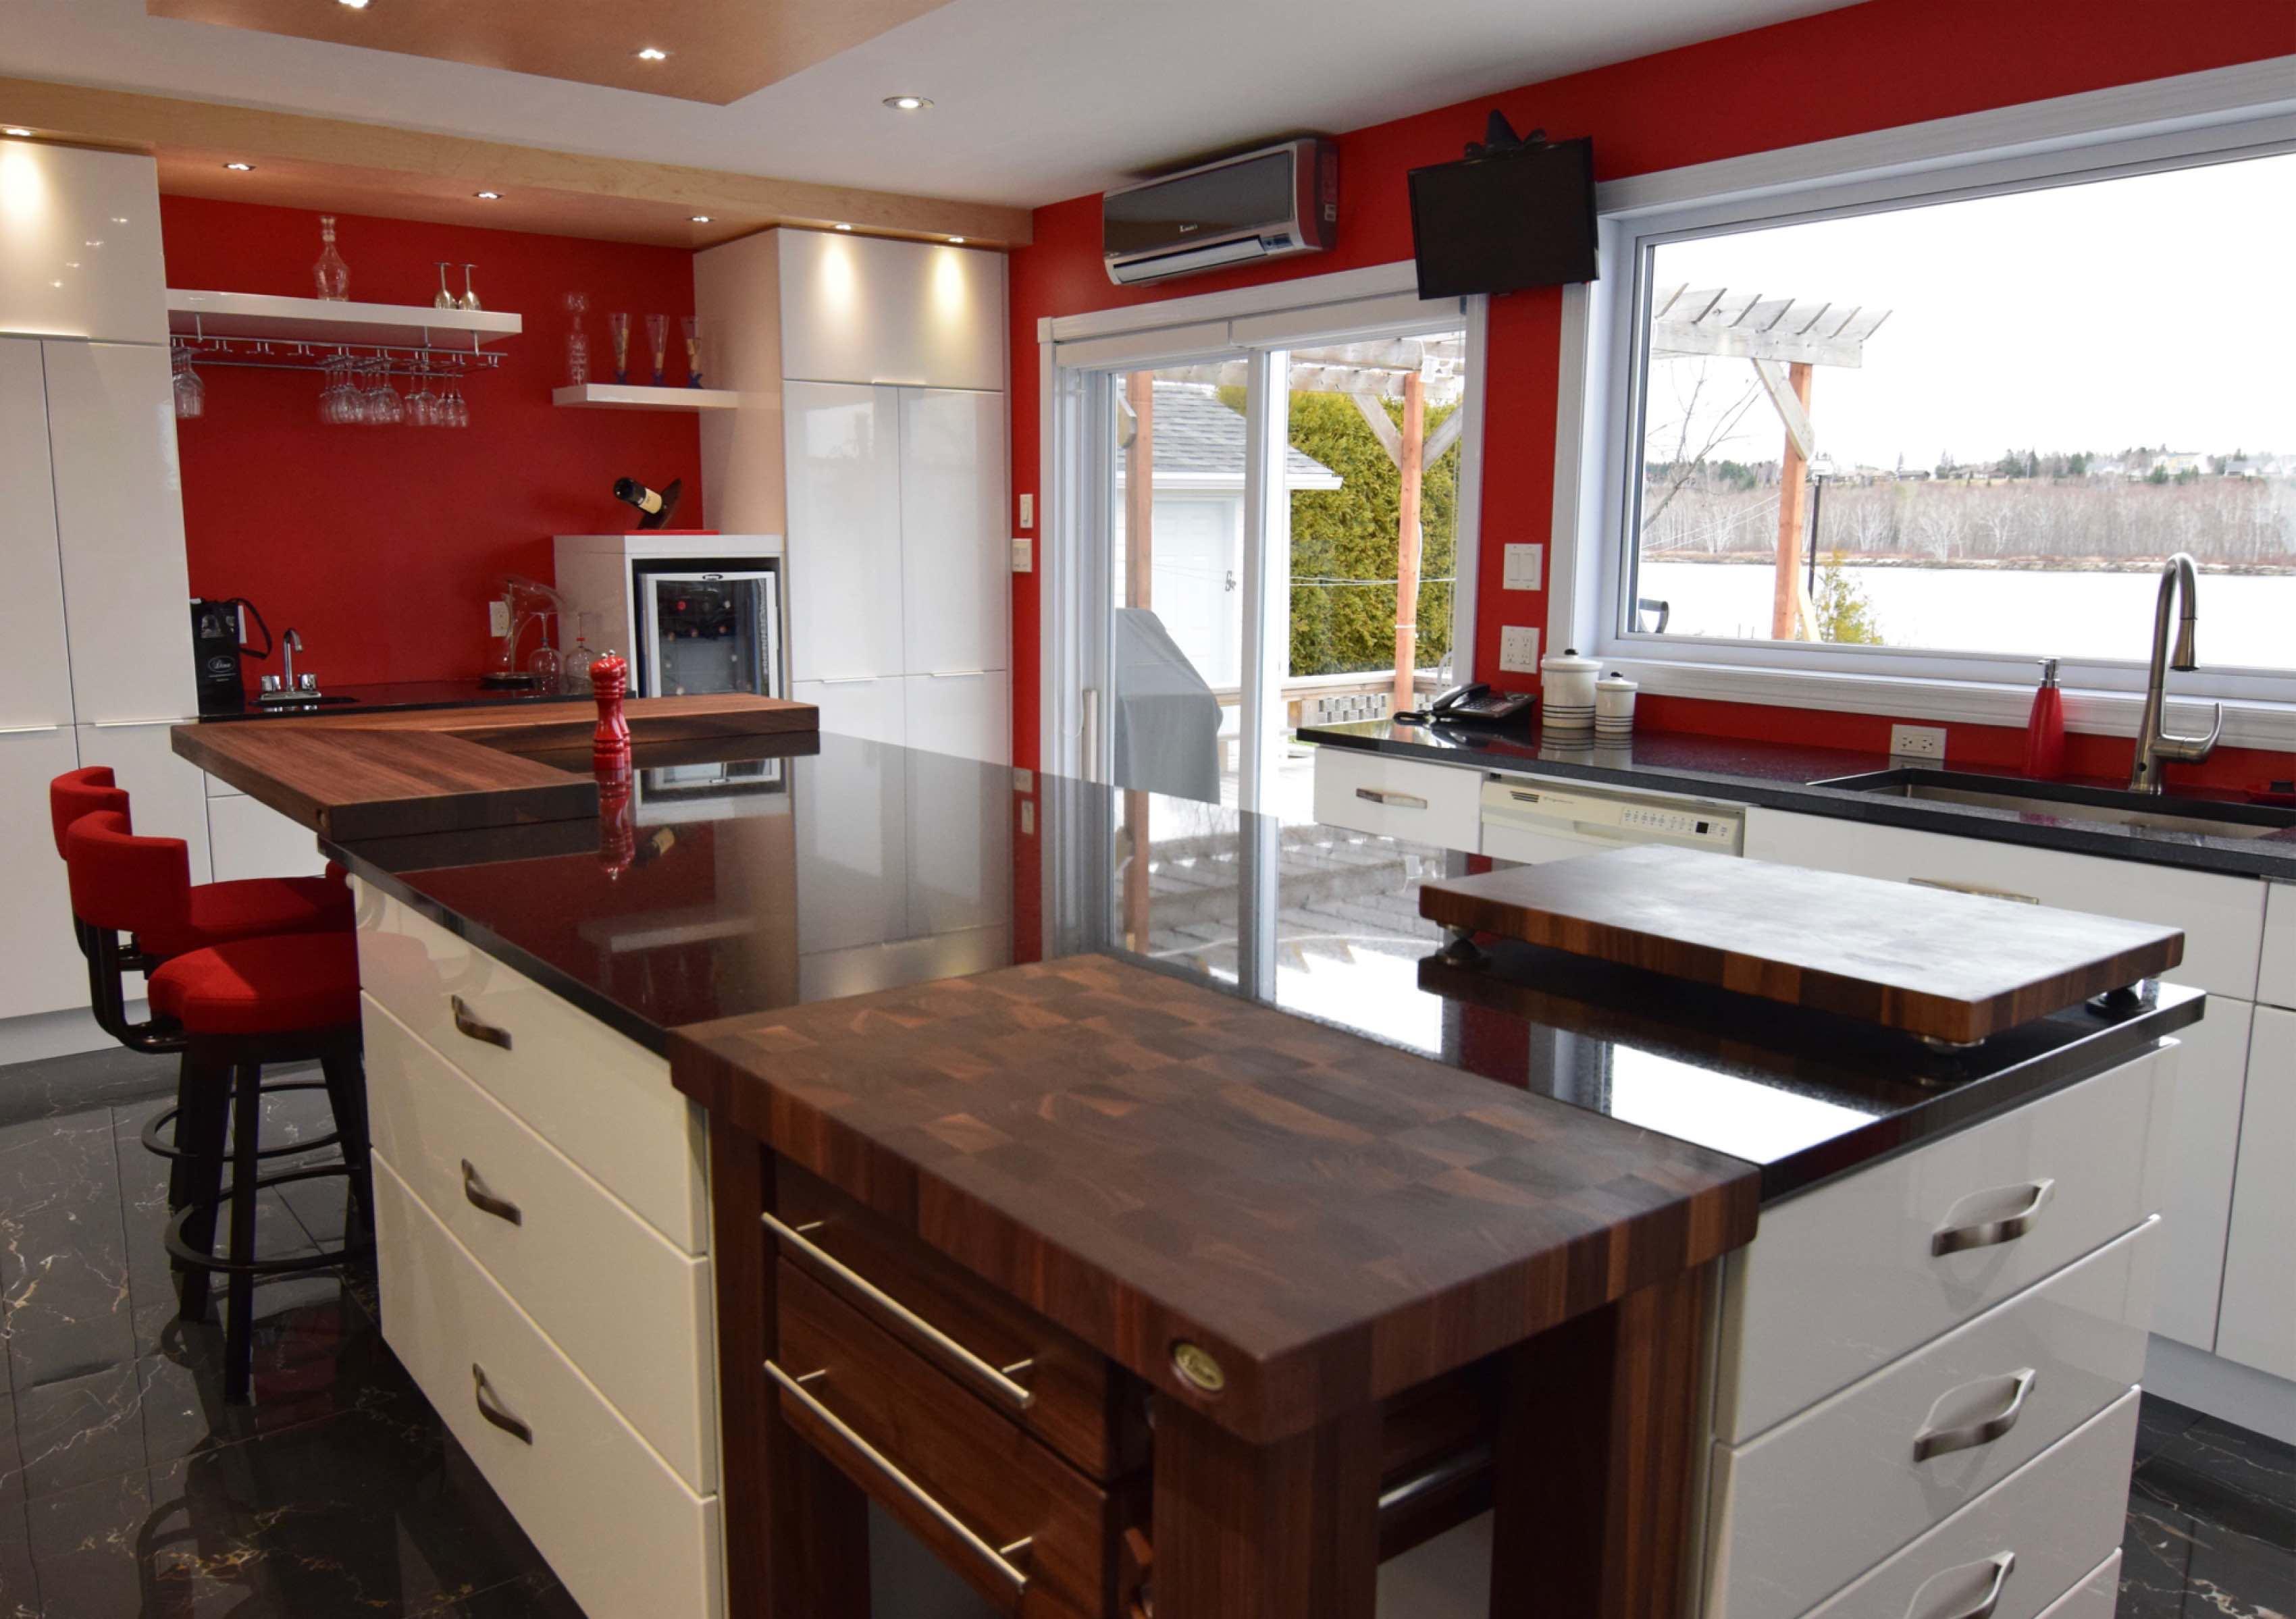 Meuble Pour Ilot Cuisine table en bois, comptoir, bloc de boucher et ilôt de cuisine